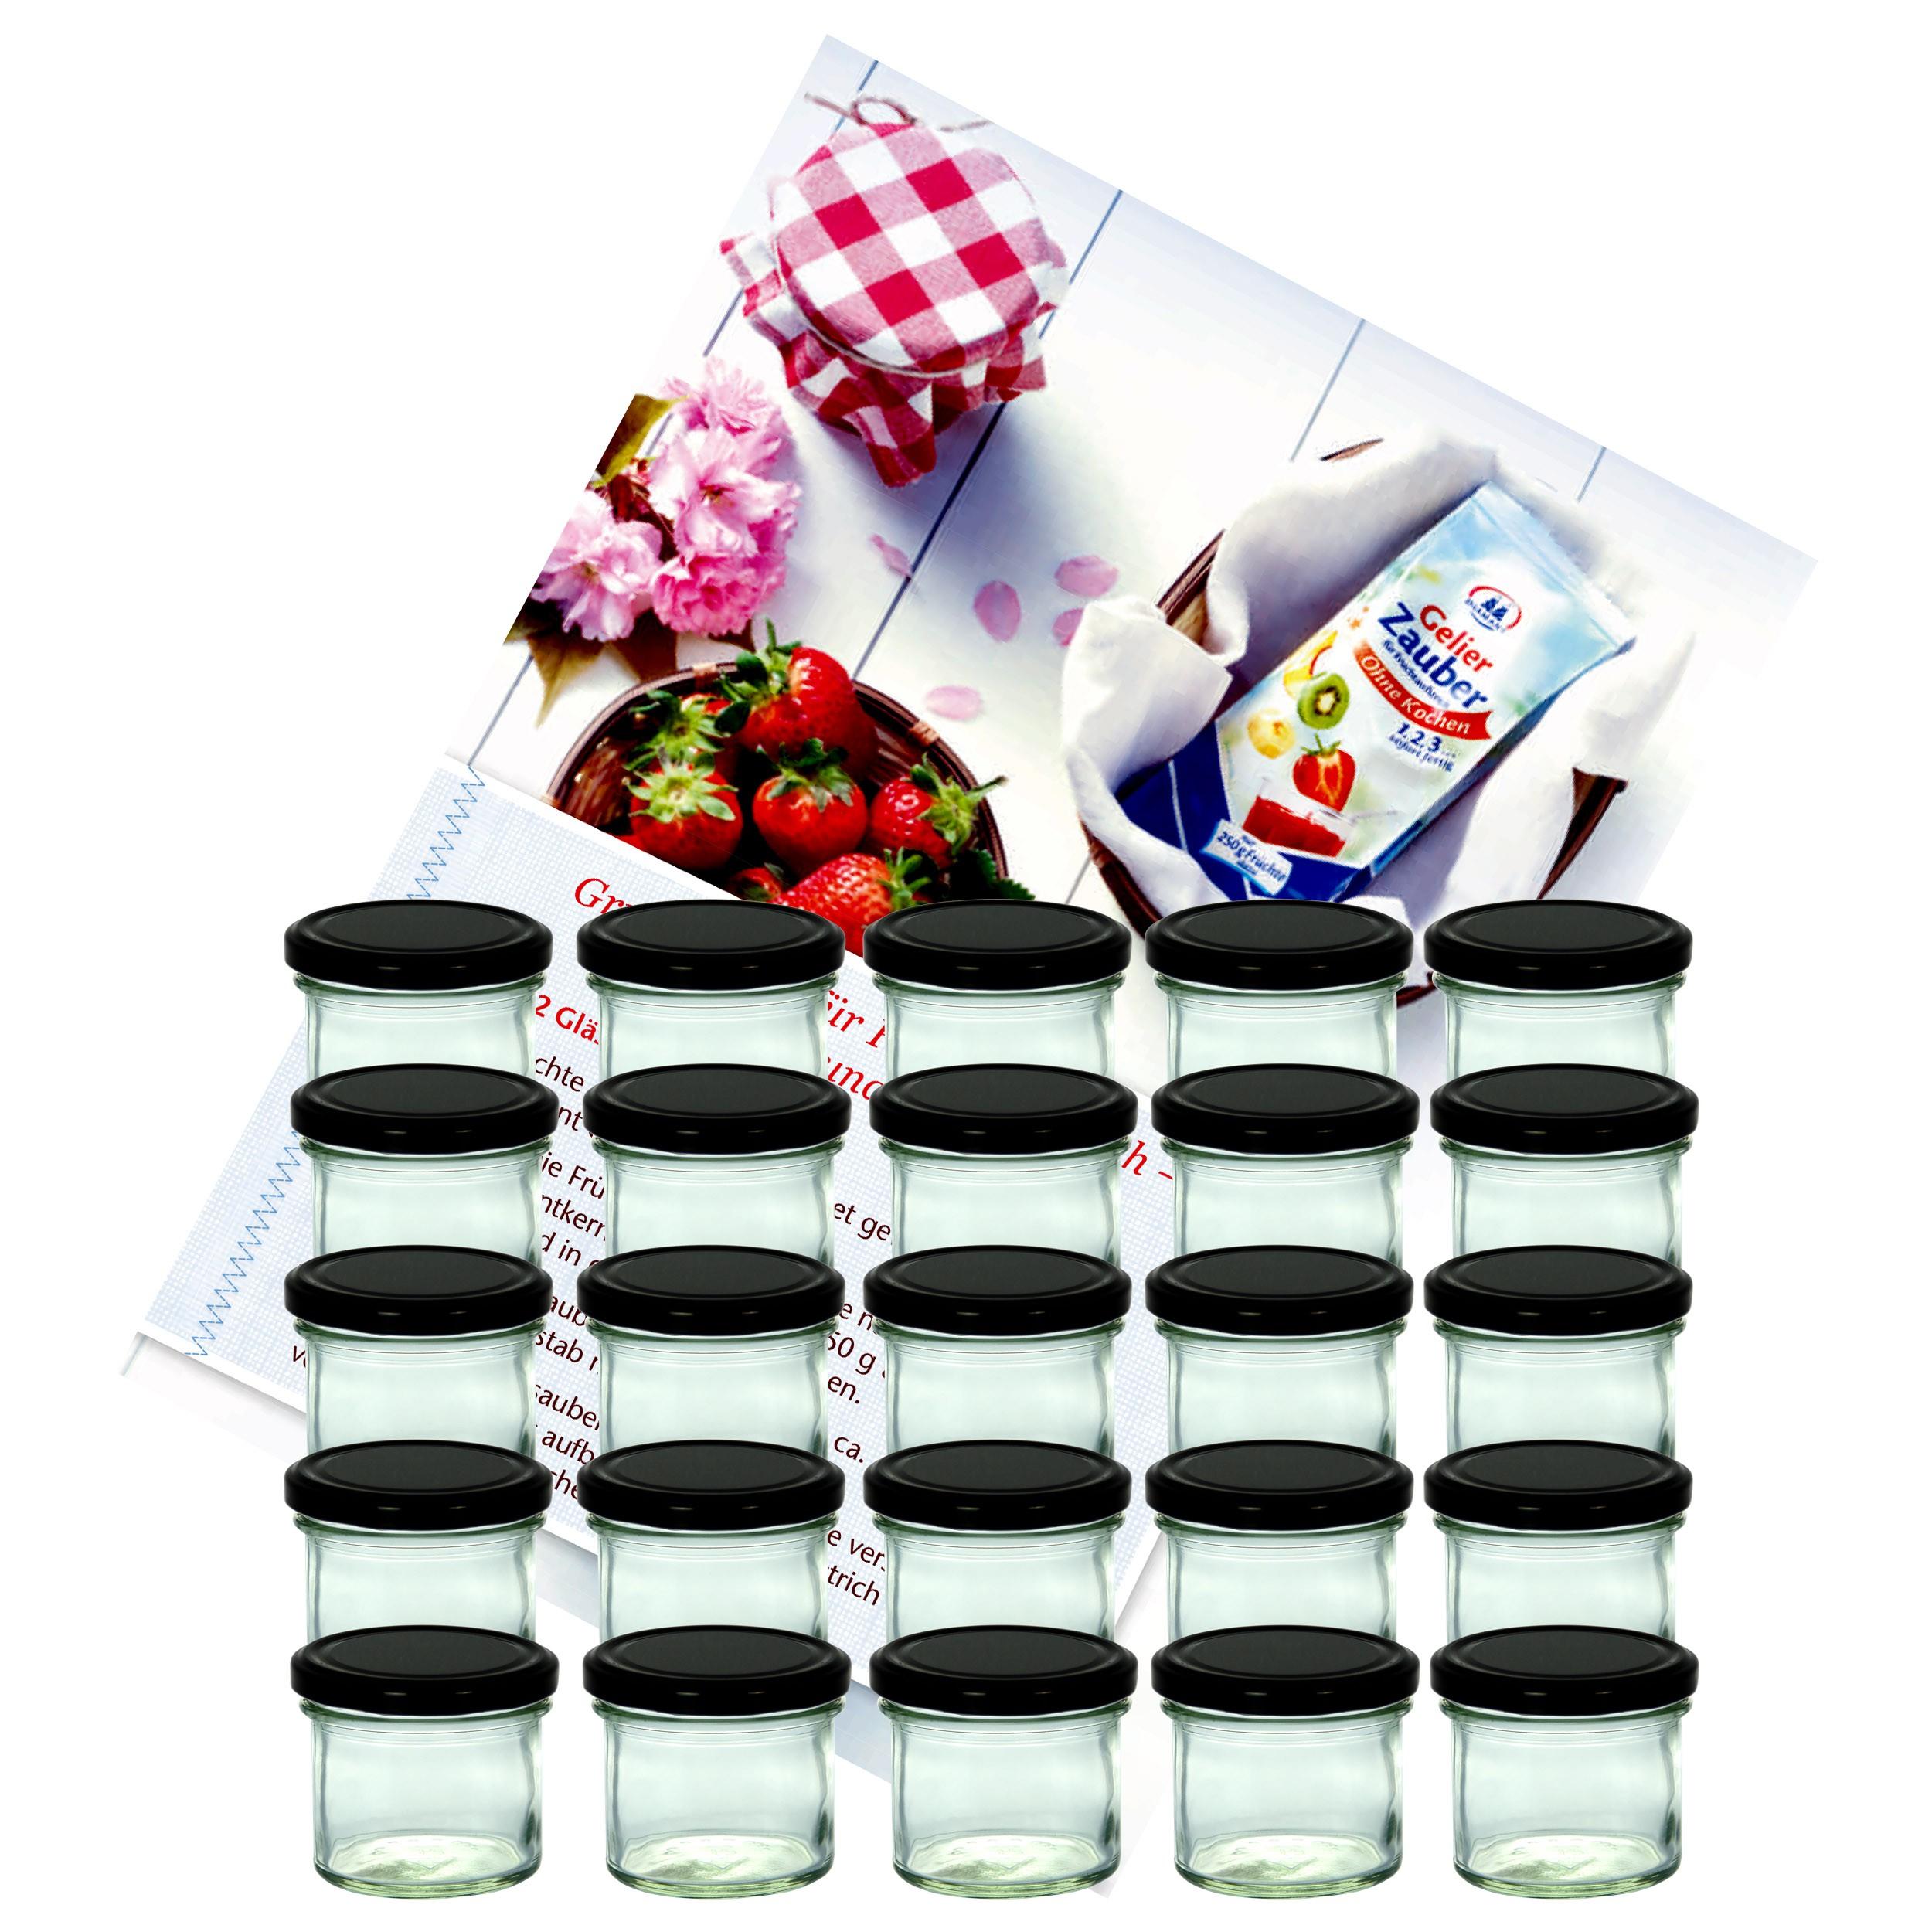 25er set sturzglas 125 ml marmeladenglas einmachglas einweckglas to 66 schwarzer deckel incl. Black Bedroom Furniture Sets. Home Design Ideas